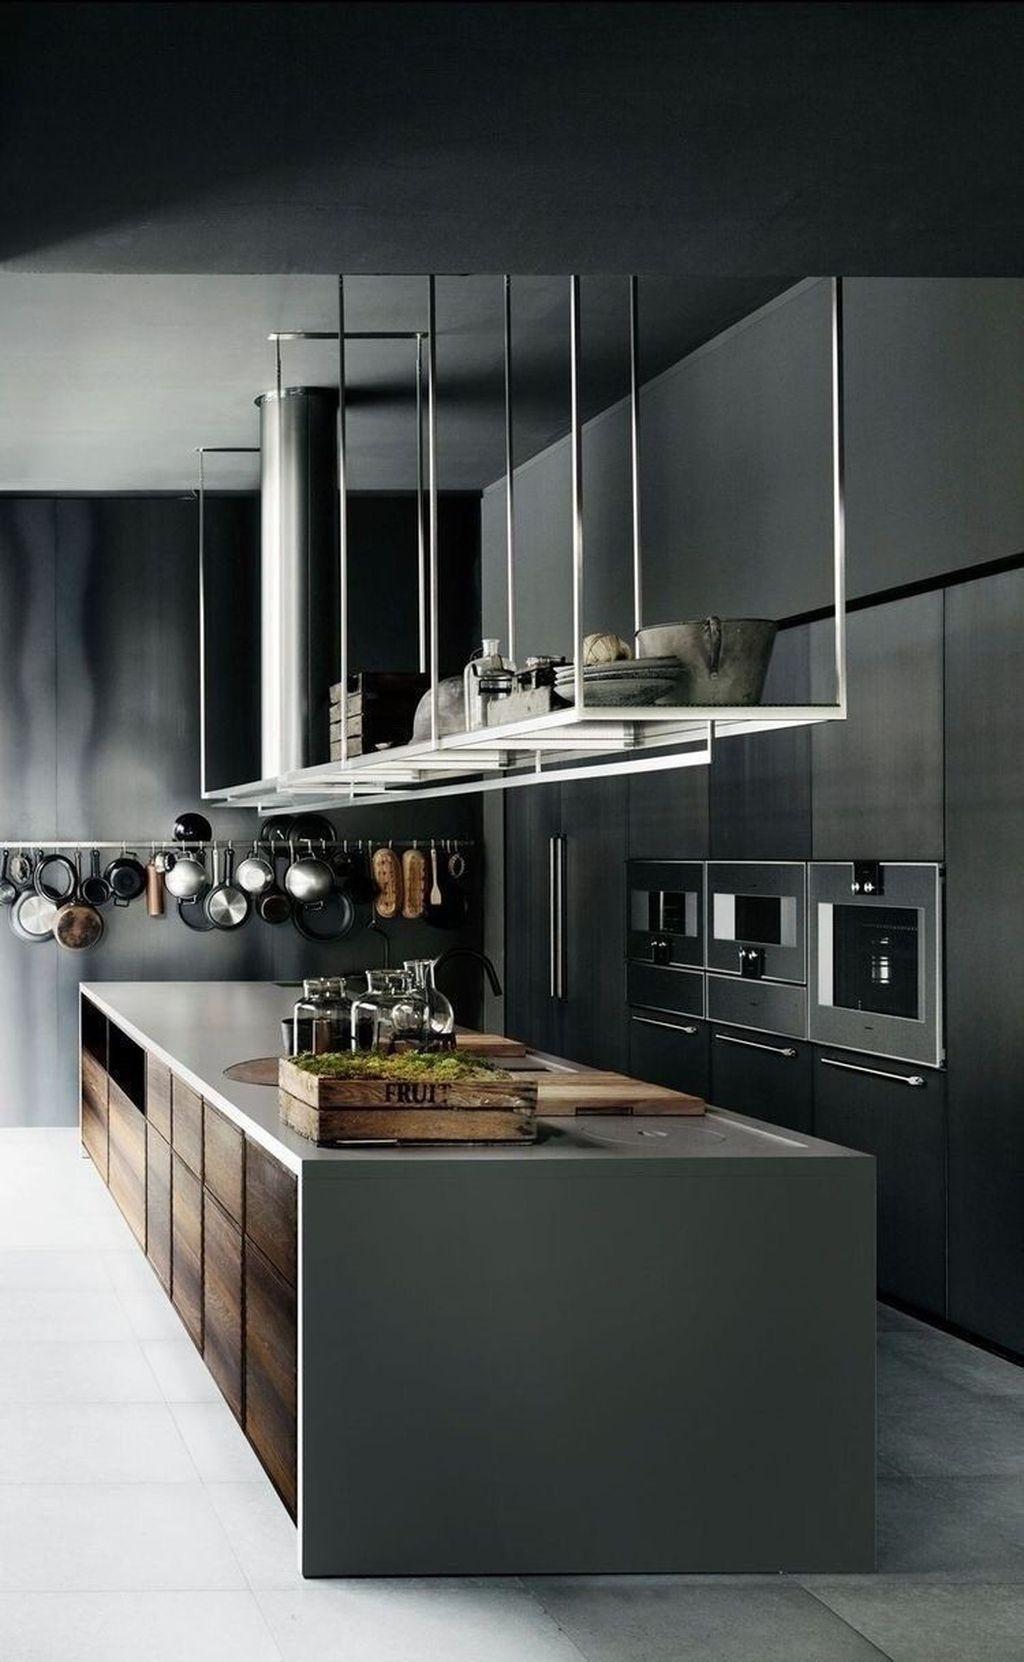 Best Industrial Kitchen Kitchen Design Modern Kitchen Design 400 x 300